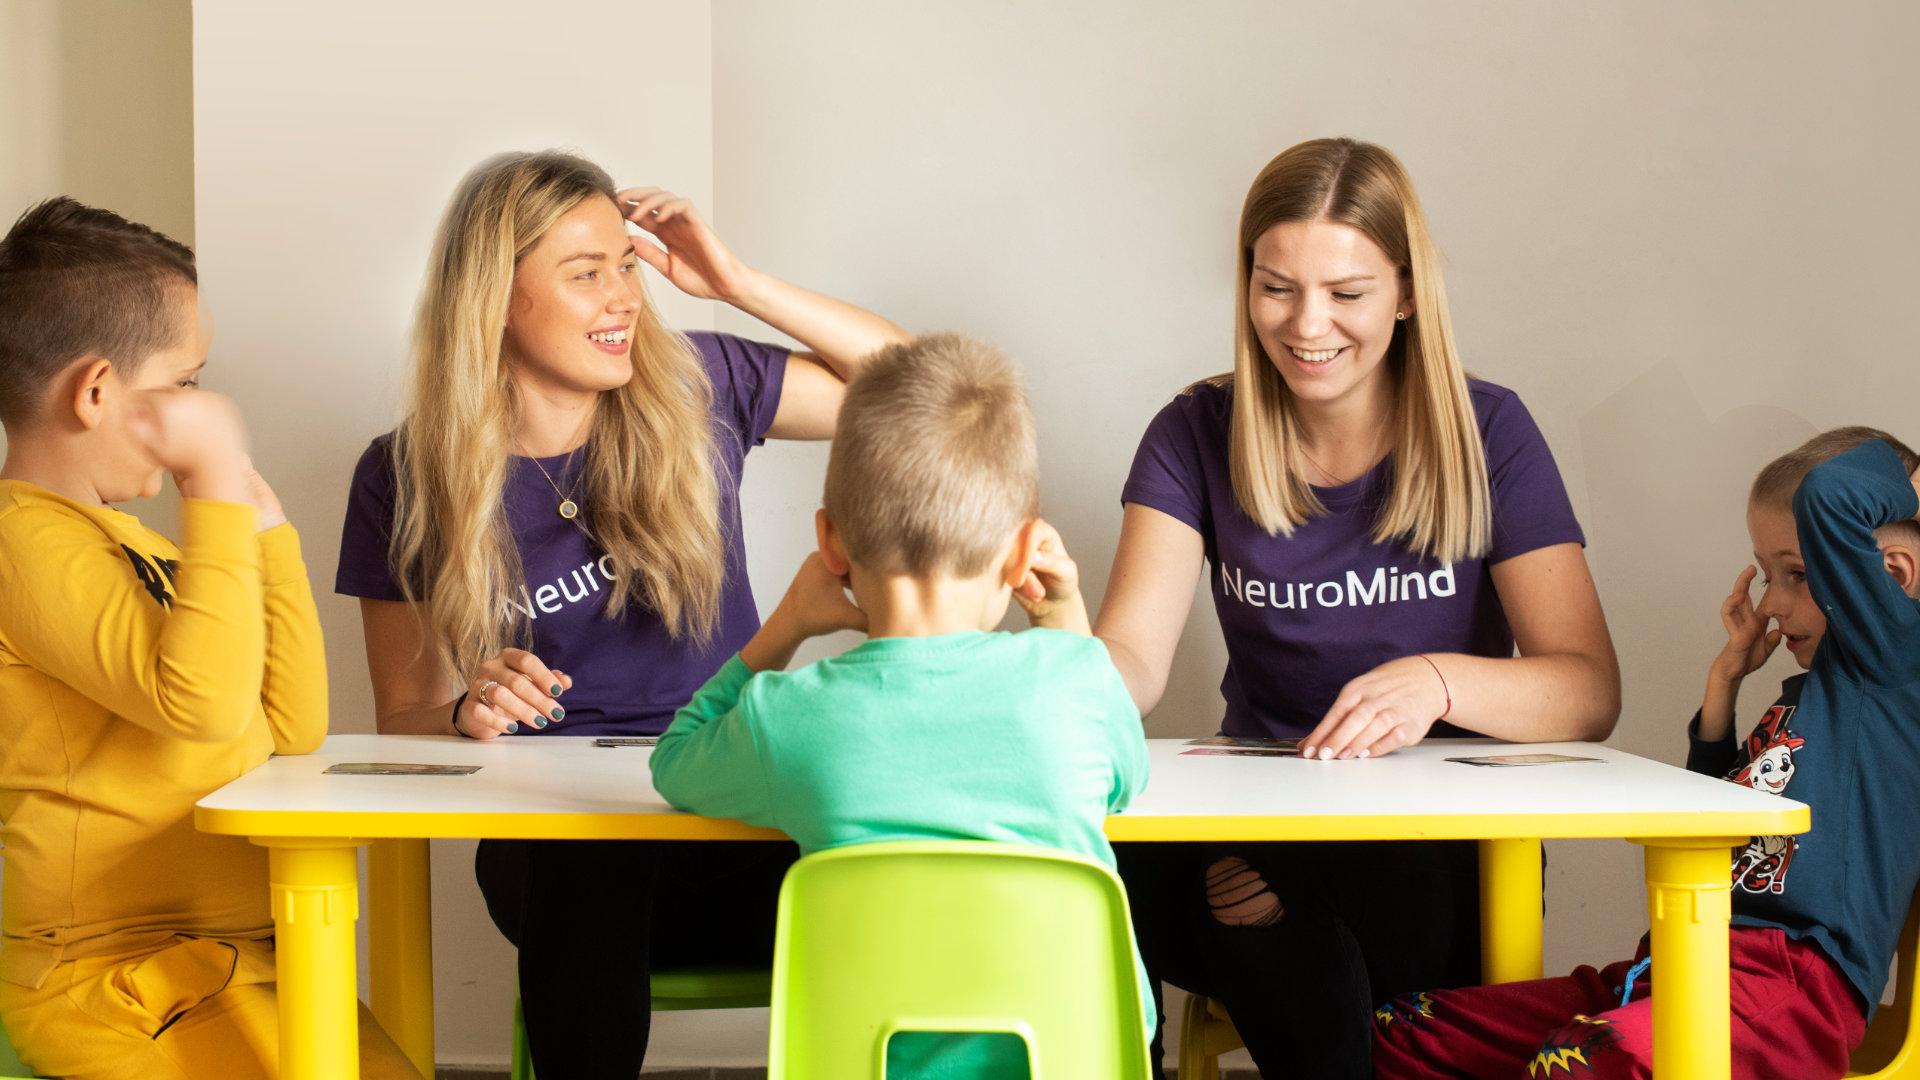 Przedszkole dla dzieci zautyzmem - Neuromind Włocławek